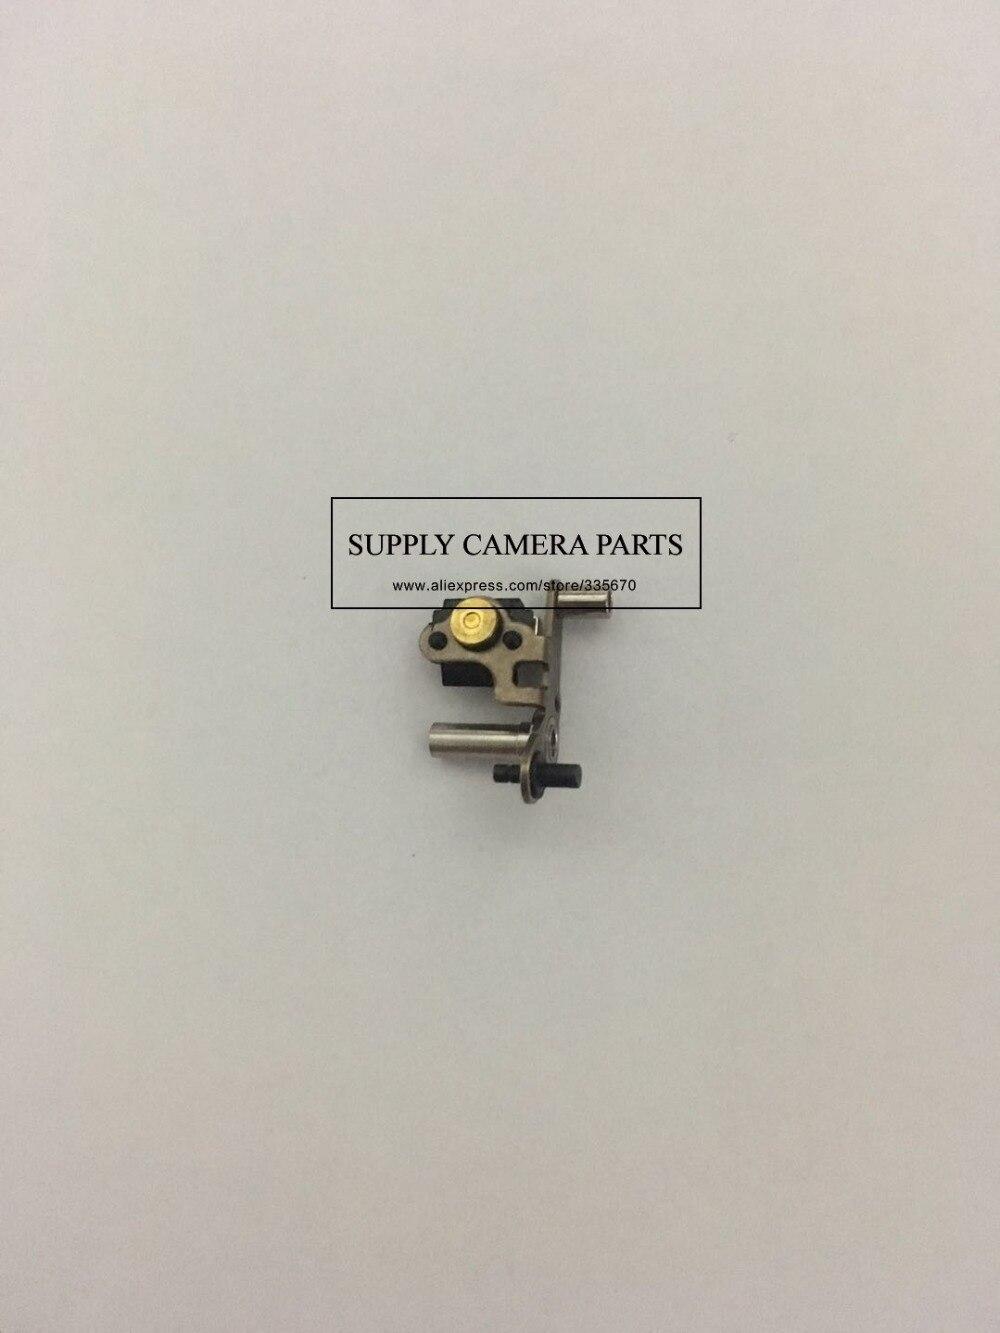 Levier d'entraînement pour Canon EOS 6D/6D Mark II/6D2 crochet de lame d'obturation aimant Hange pièce de réparation d'appareil photo numérique en métal